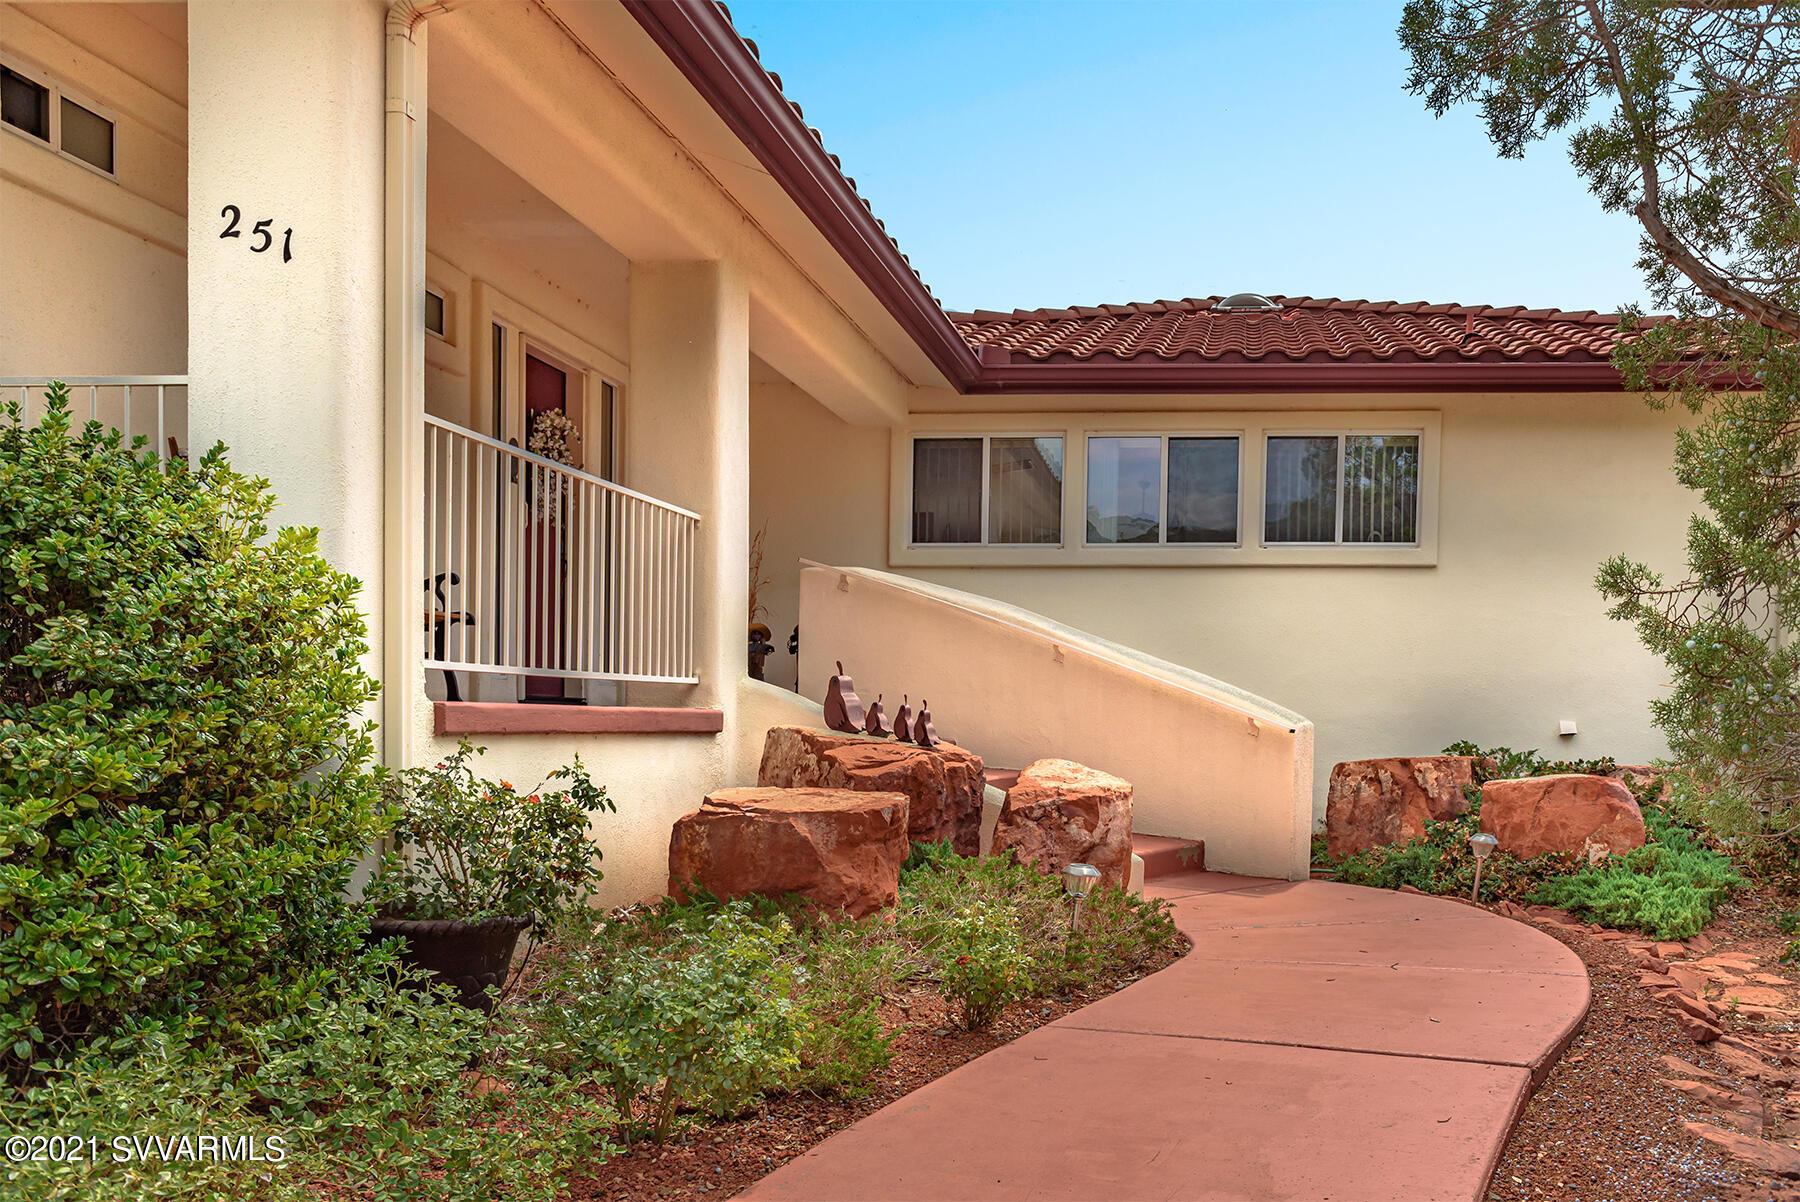 251 E Saddlehorn Rd Sedona, AZ 86351